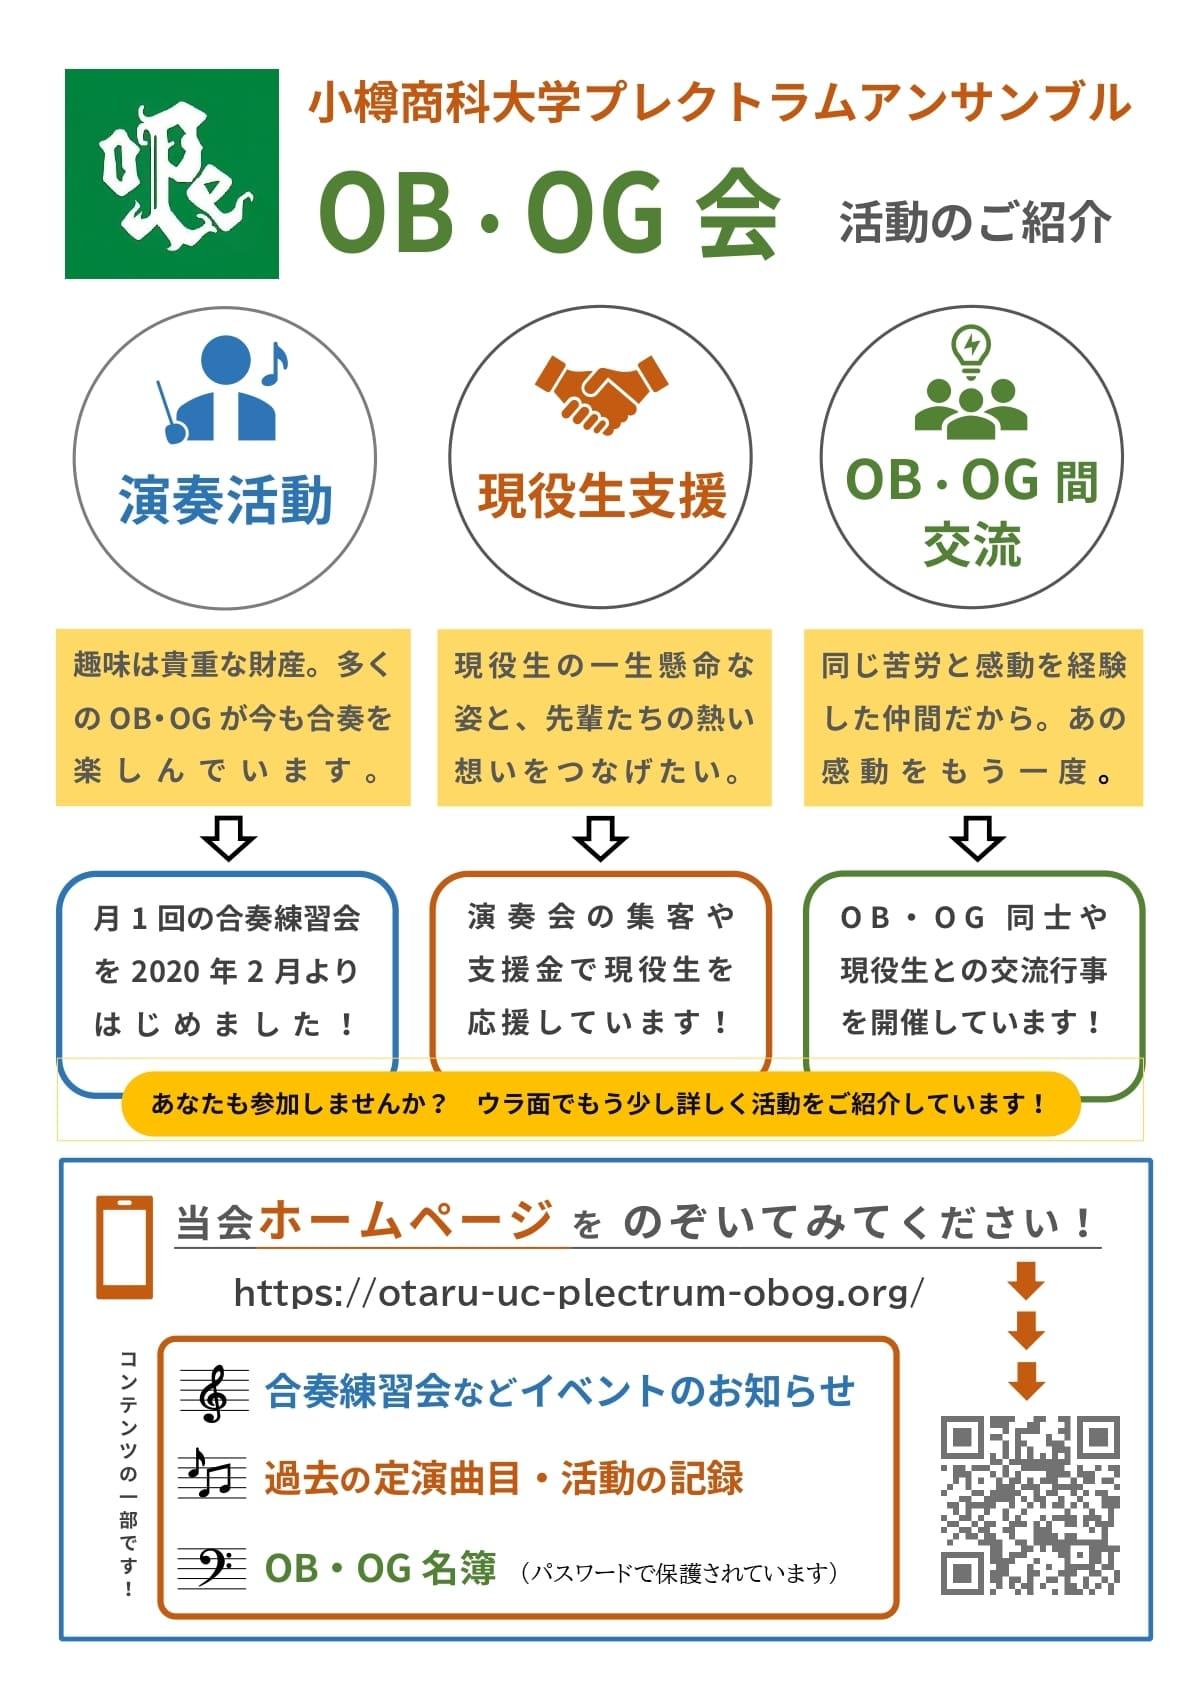 OB・OG会の紹介(1)